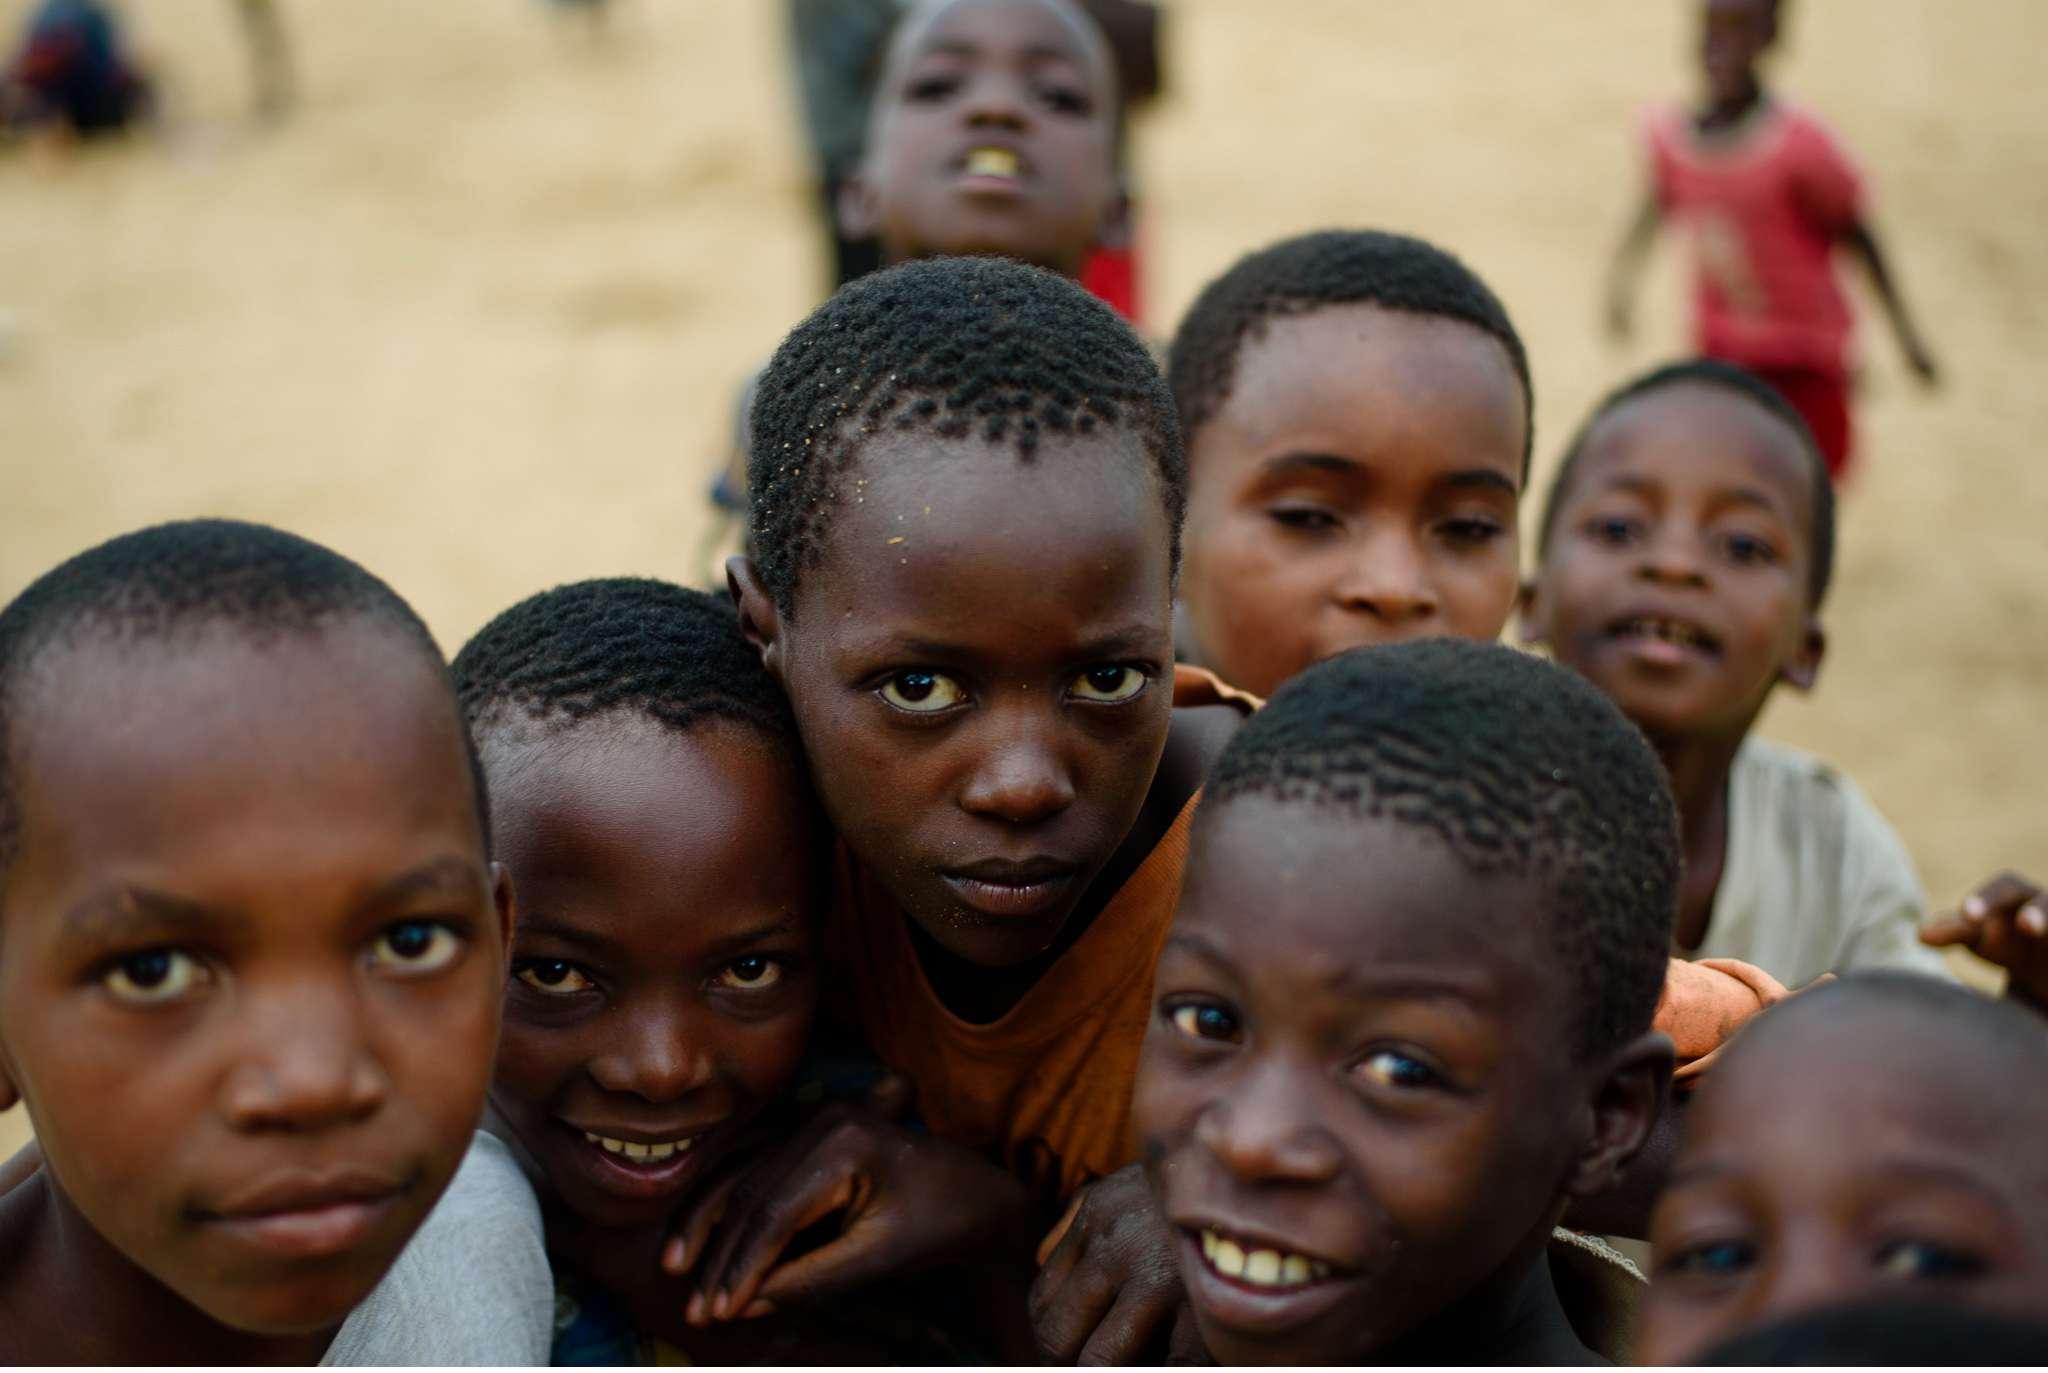 Malawi-Quer durch Afrika- Geschichten von unterwegs by Marion and Daniel-85